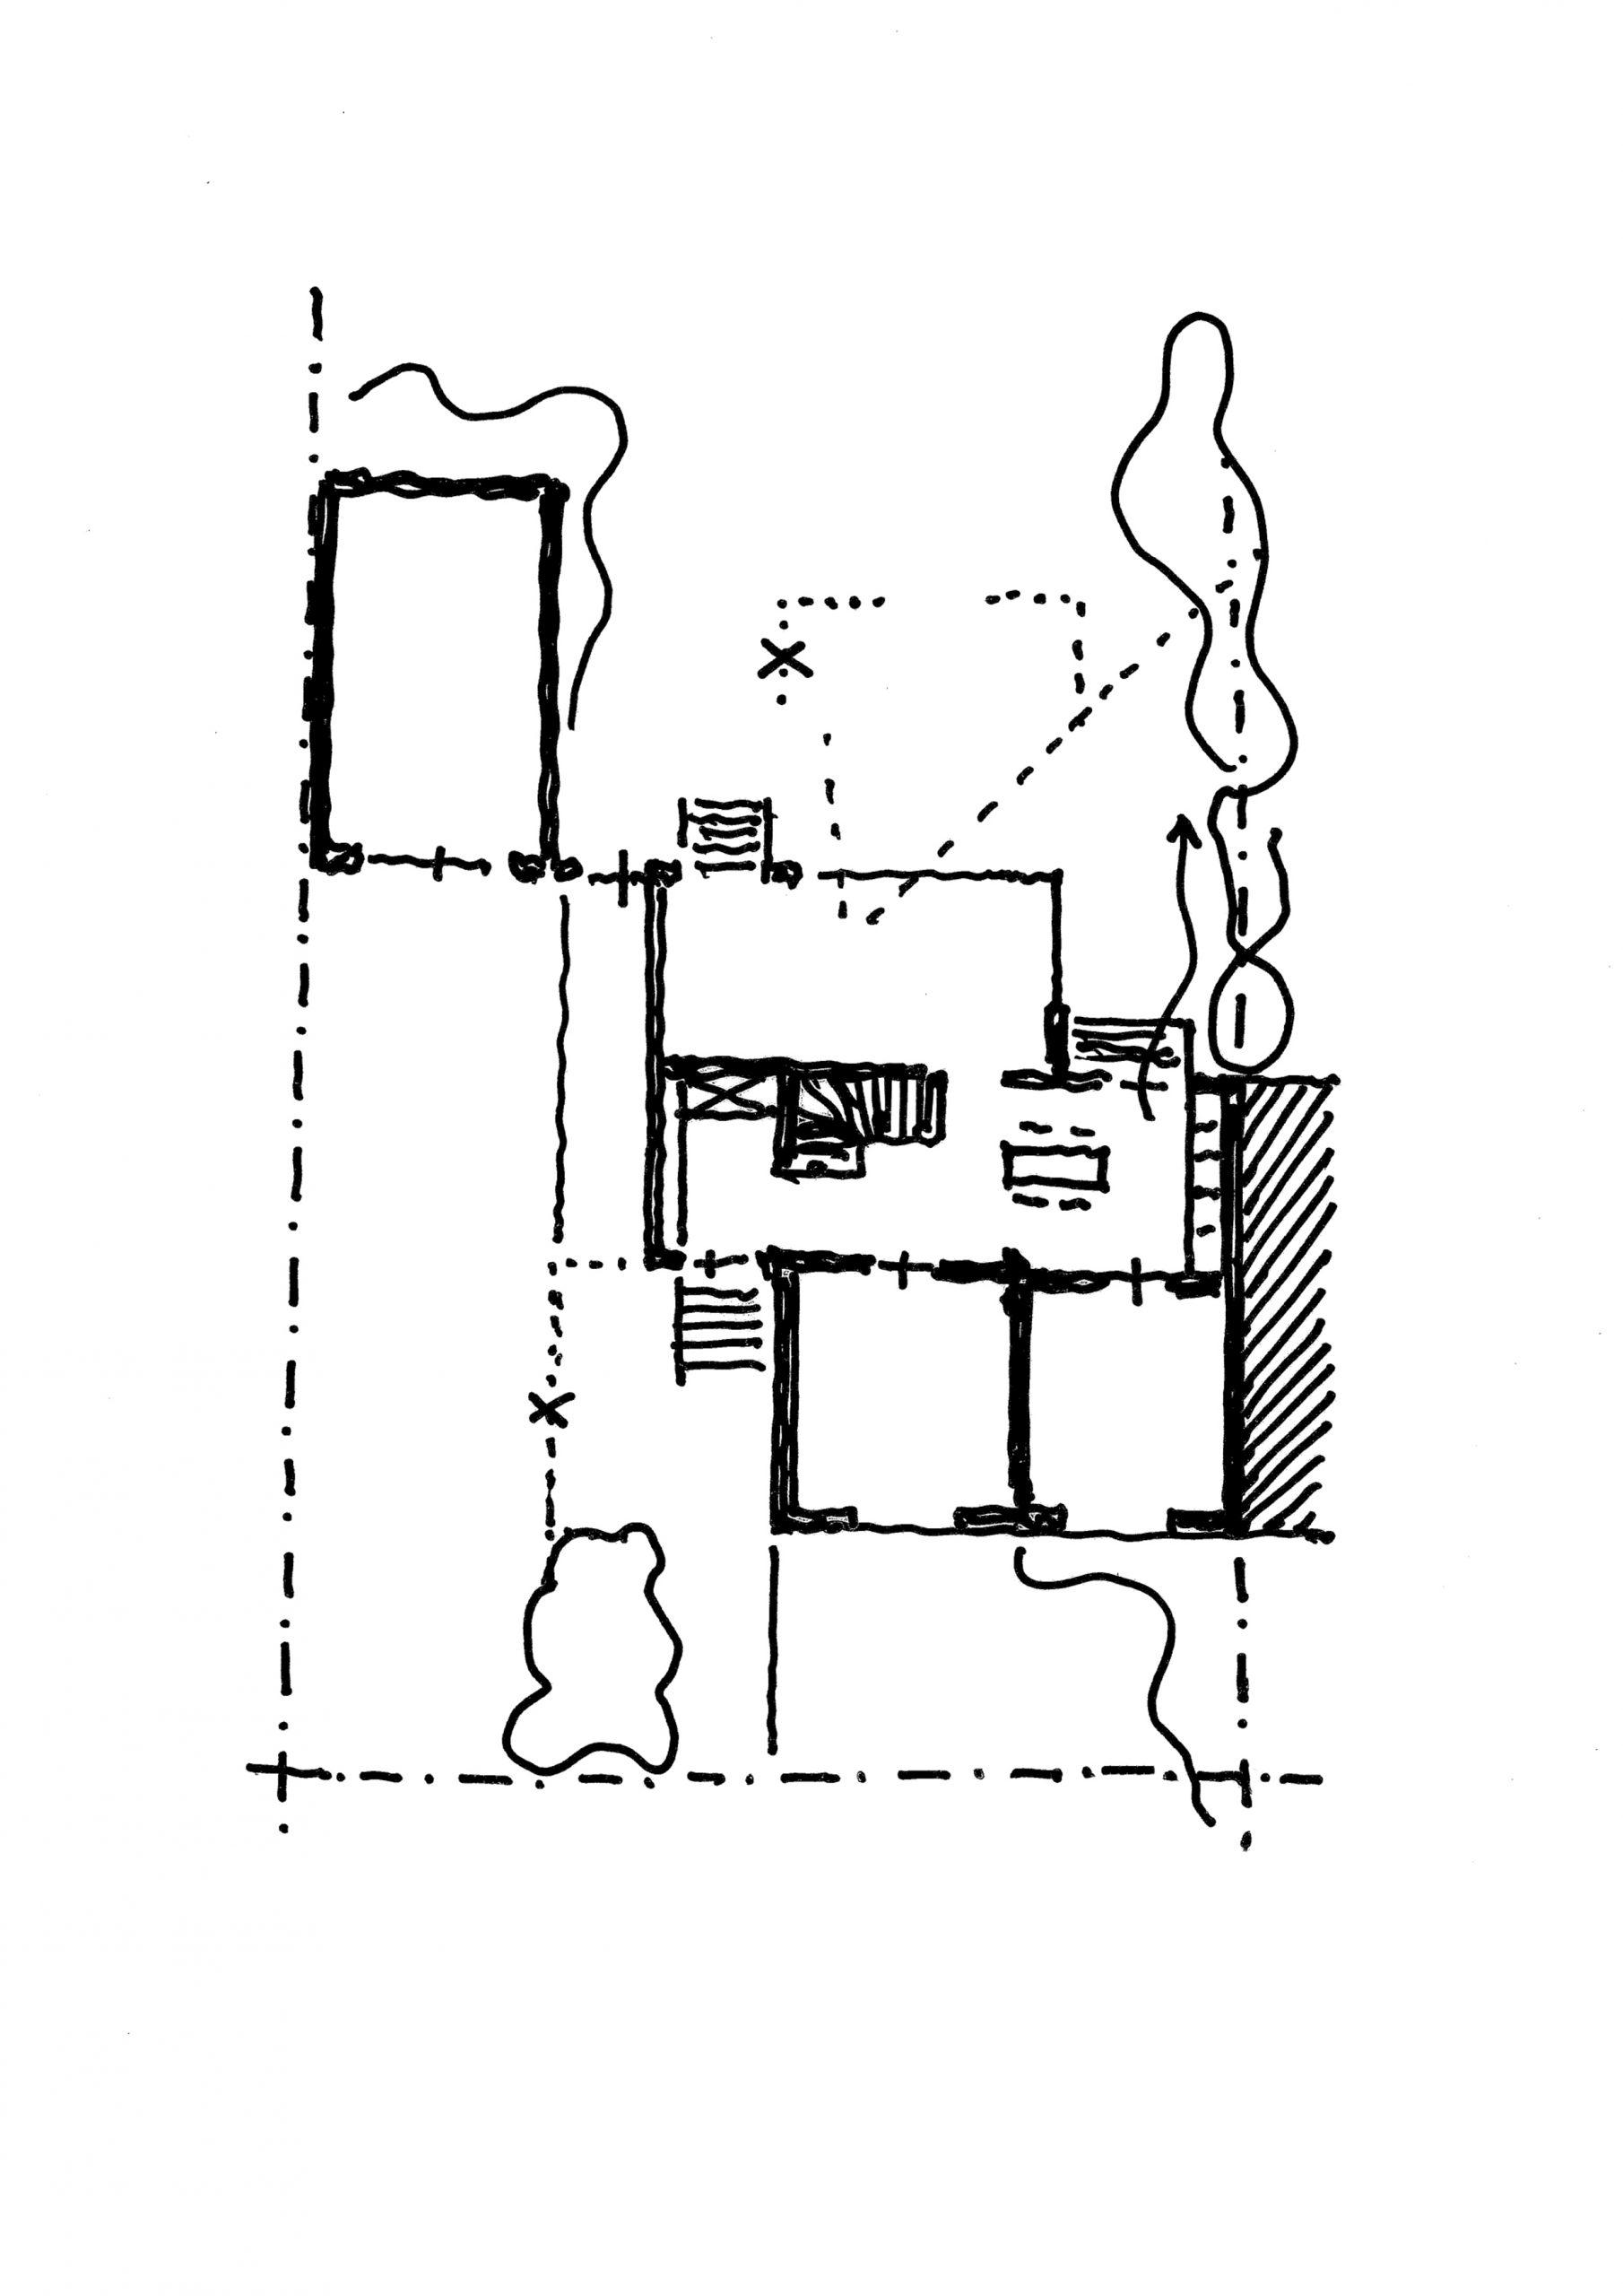 AP49, Sanierung und Umbau eines Siedlungshauses, 2014, unrealisiert